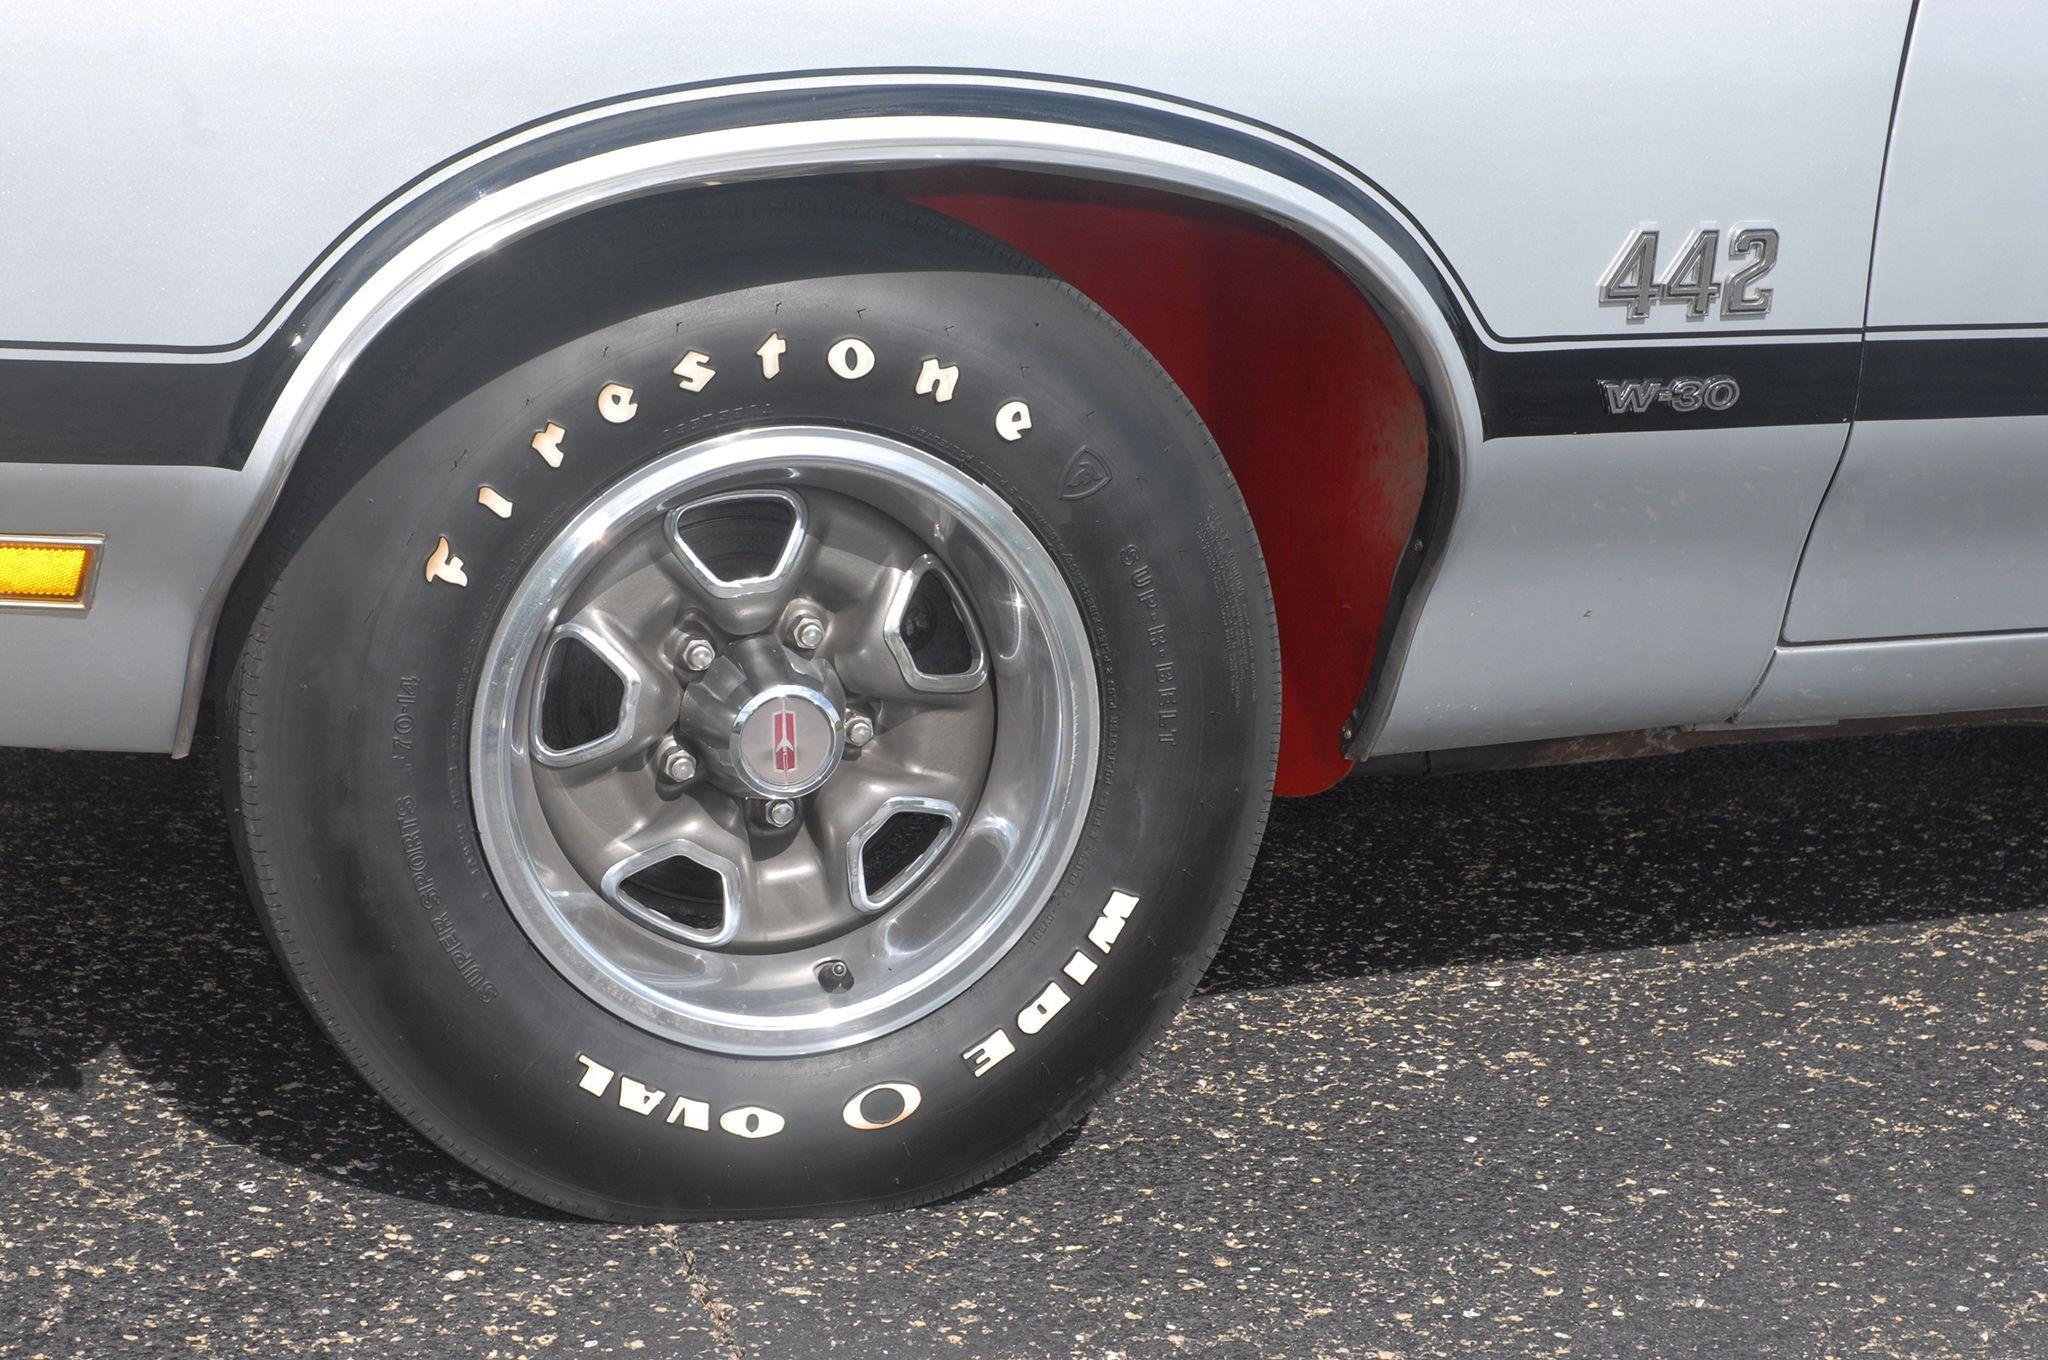 06 1970 Oldsmobile 442 Wheel Tire Jpg 2048 1360 Oldsmobile Oldsmobile 442 Time Capsule